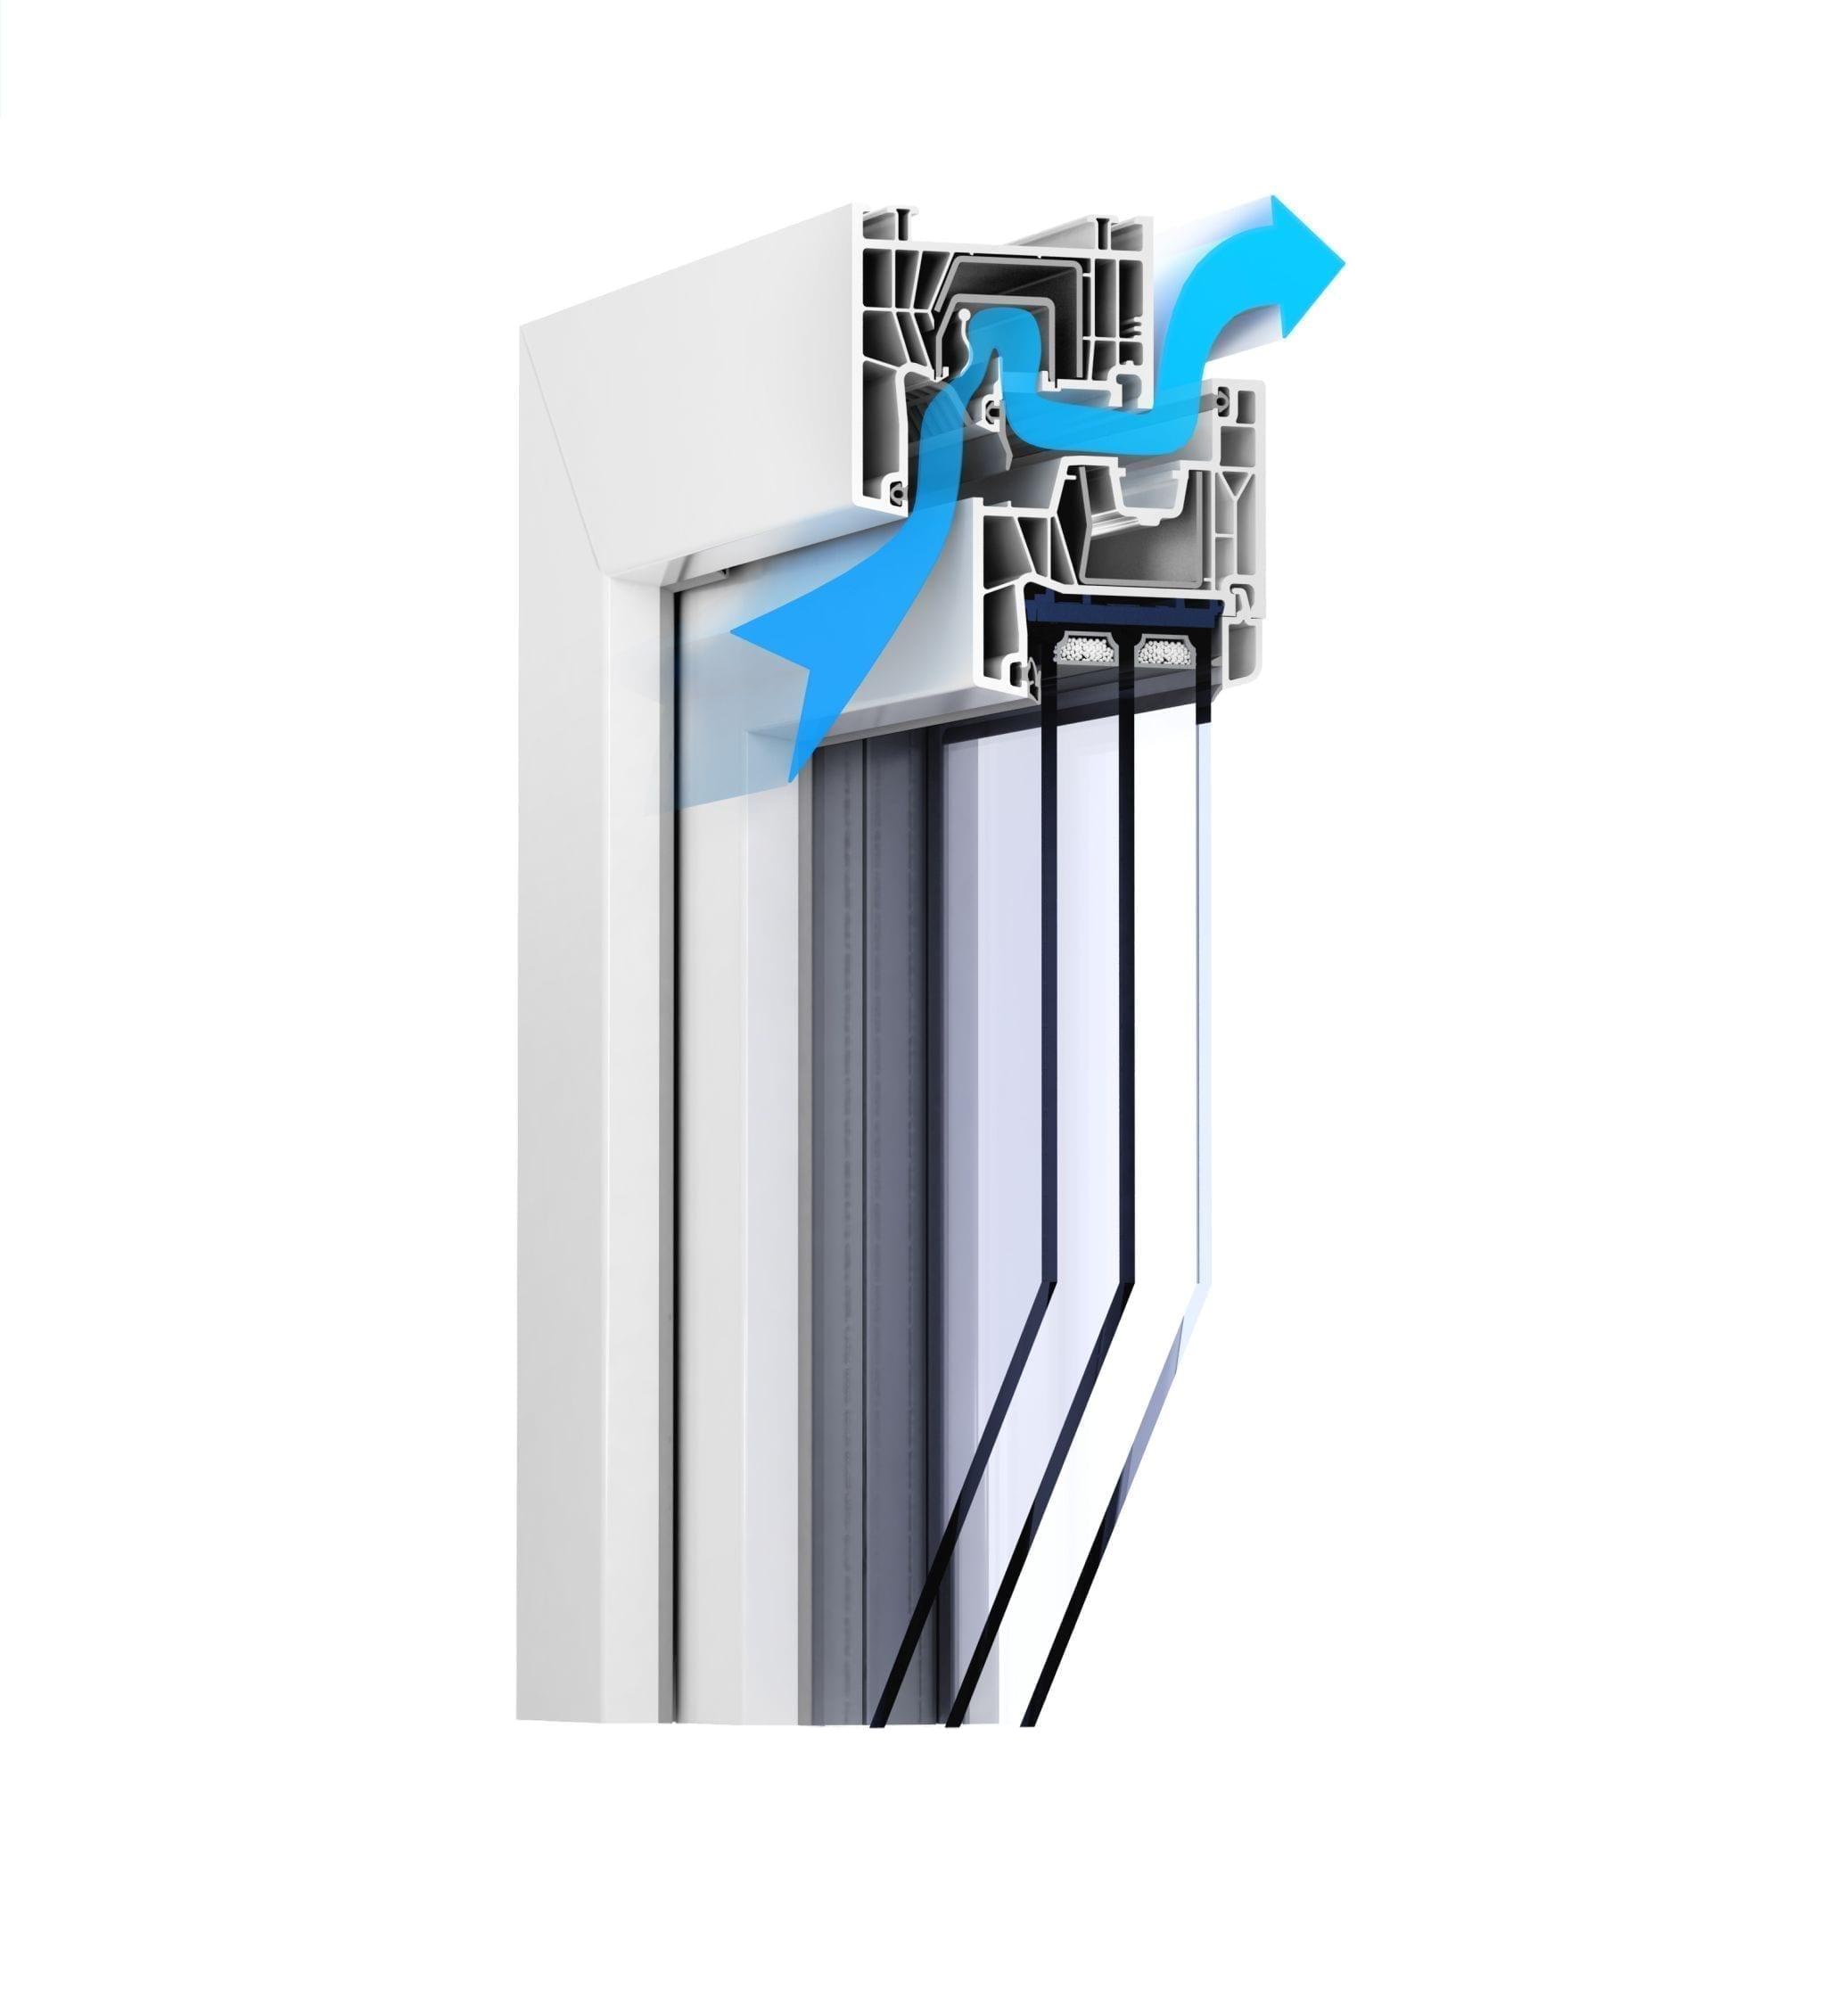 Full Size of Kbe Fenster Haustrsysteme Produkte Einbruchschutz Nachrüsten Tauschen Sichtschutzfolie Mit Rolladenkasten Rolladen Austauschen Auf Maß Insektenschutz Fenster Kbe Fenster